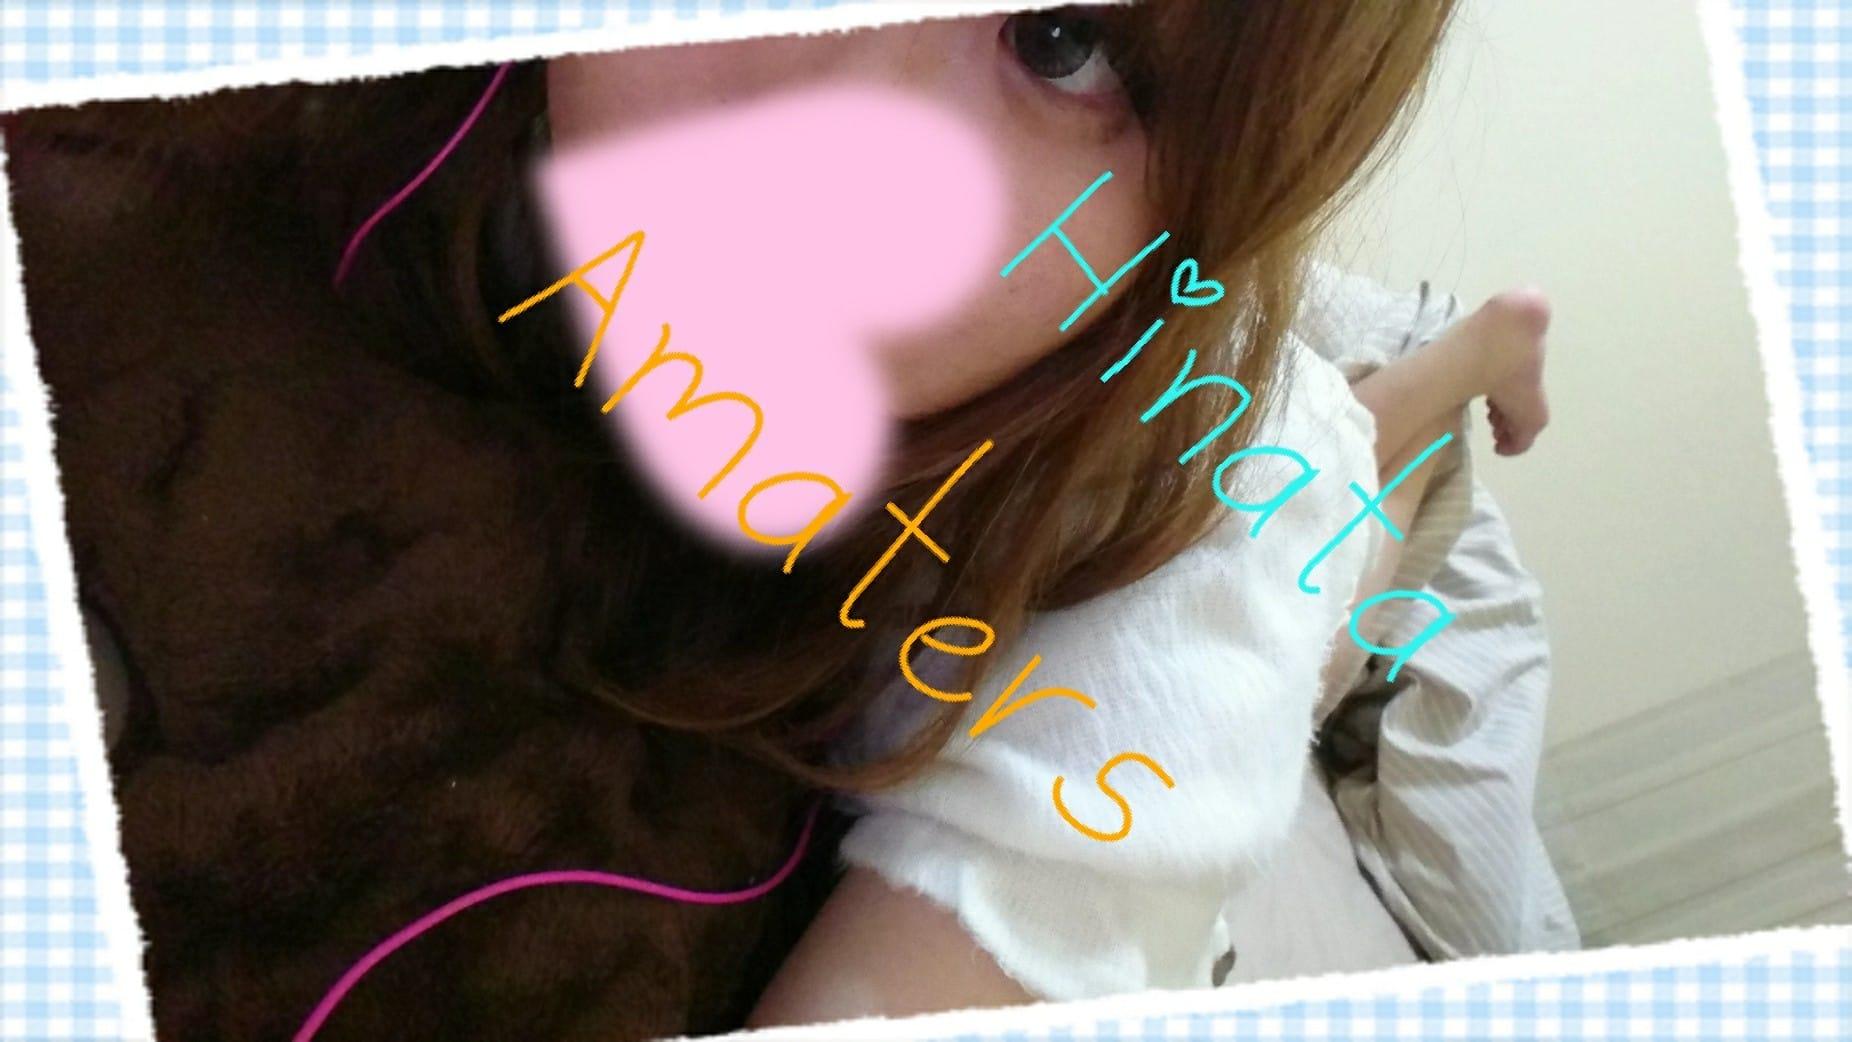 「☆…ビジネスホテルのお客様ぇ」11/04(11/04) 18:04 | Hinata(ひなた)の写メ・風俗動画